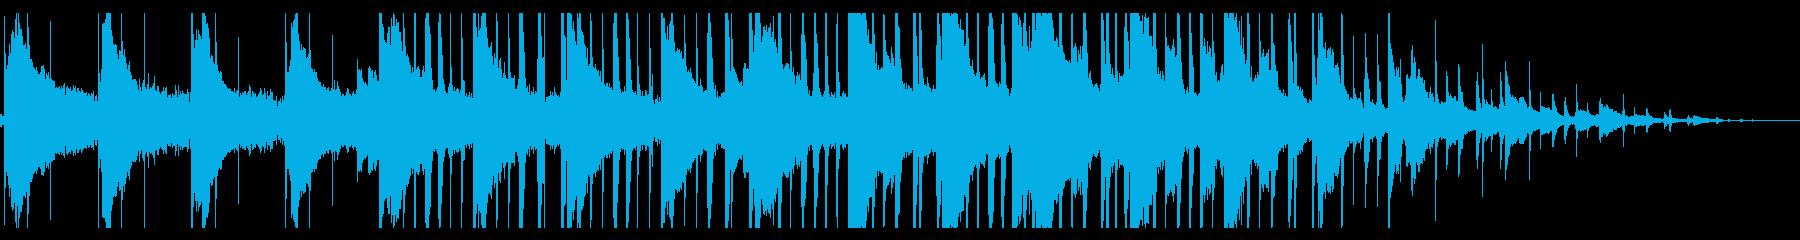 都会/ヒップホップ_No397_2の再生済みの波形